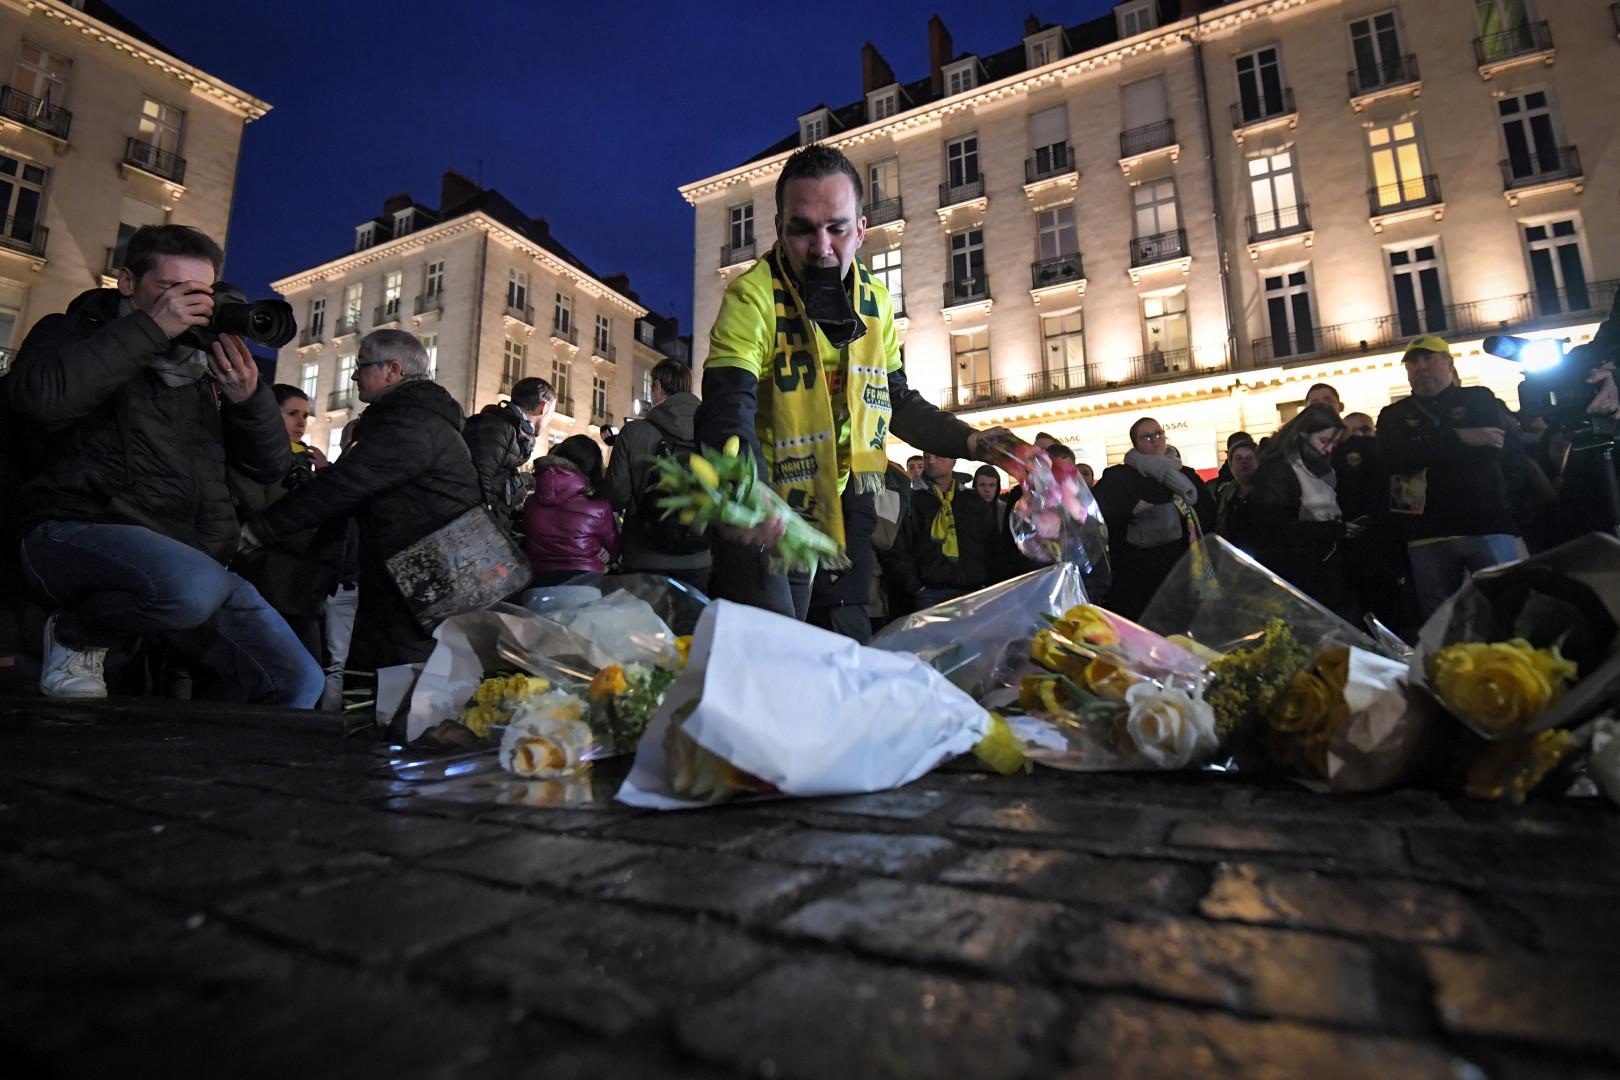 Des supporters du FC Nantes ont déposé des fleurs pour Emiliano Sala